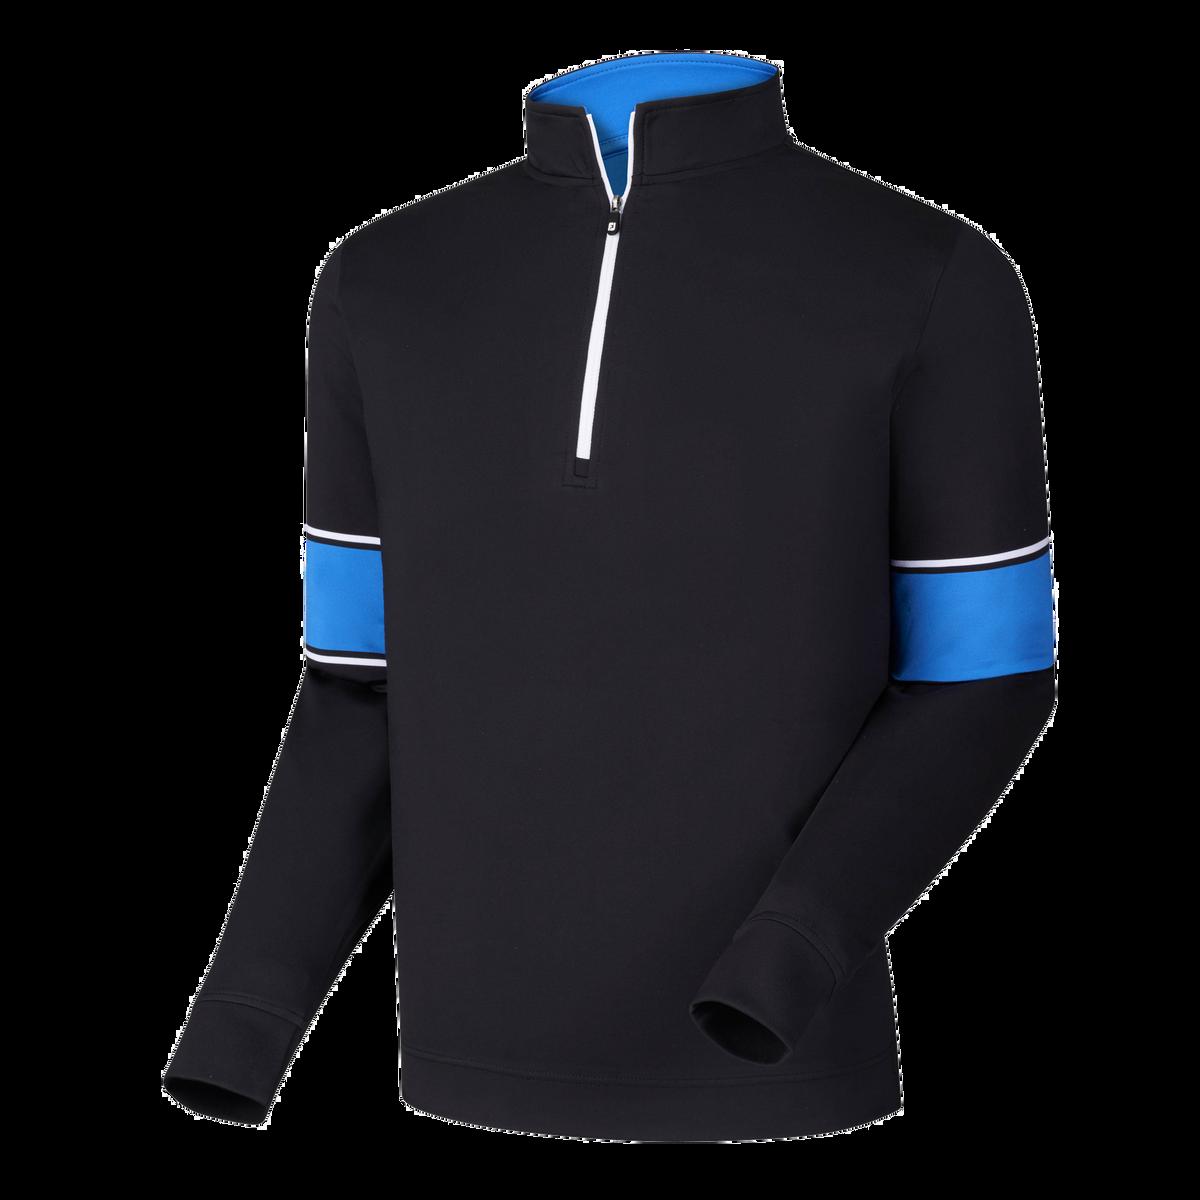 Performance Half-Zip + Engineered Sleeves